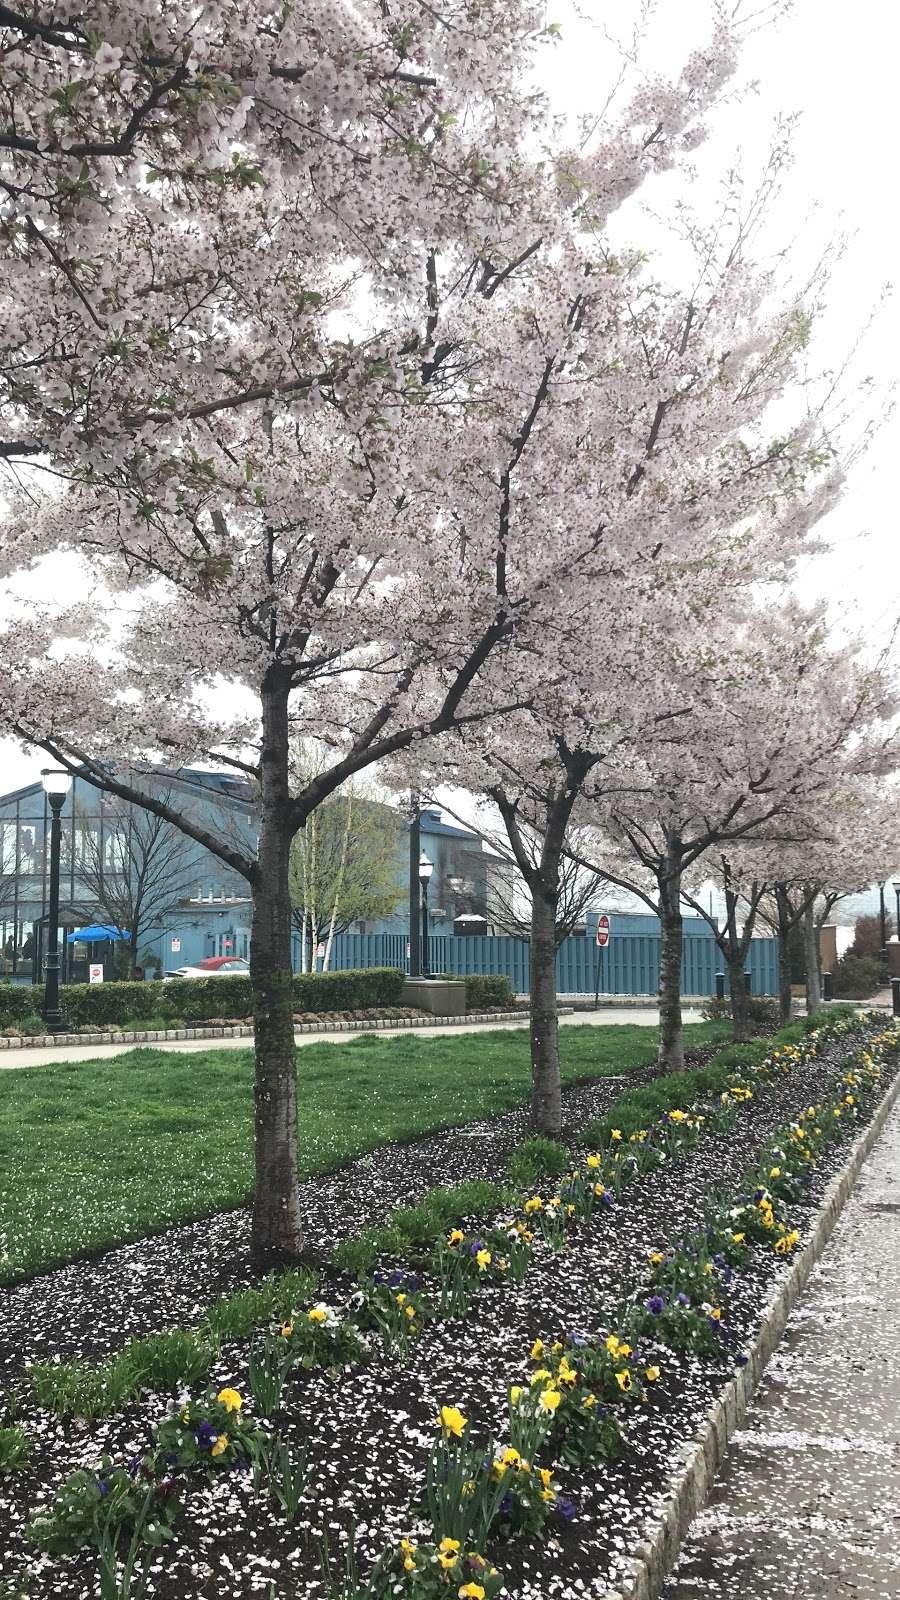 Weehawken Waterfront Pershing Circle - park    Photo 3 of 10   Address: Weehawken, NJ 07086, USA